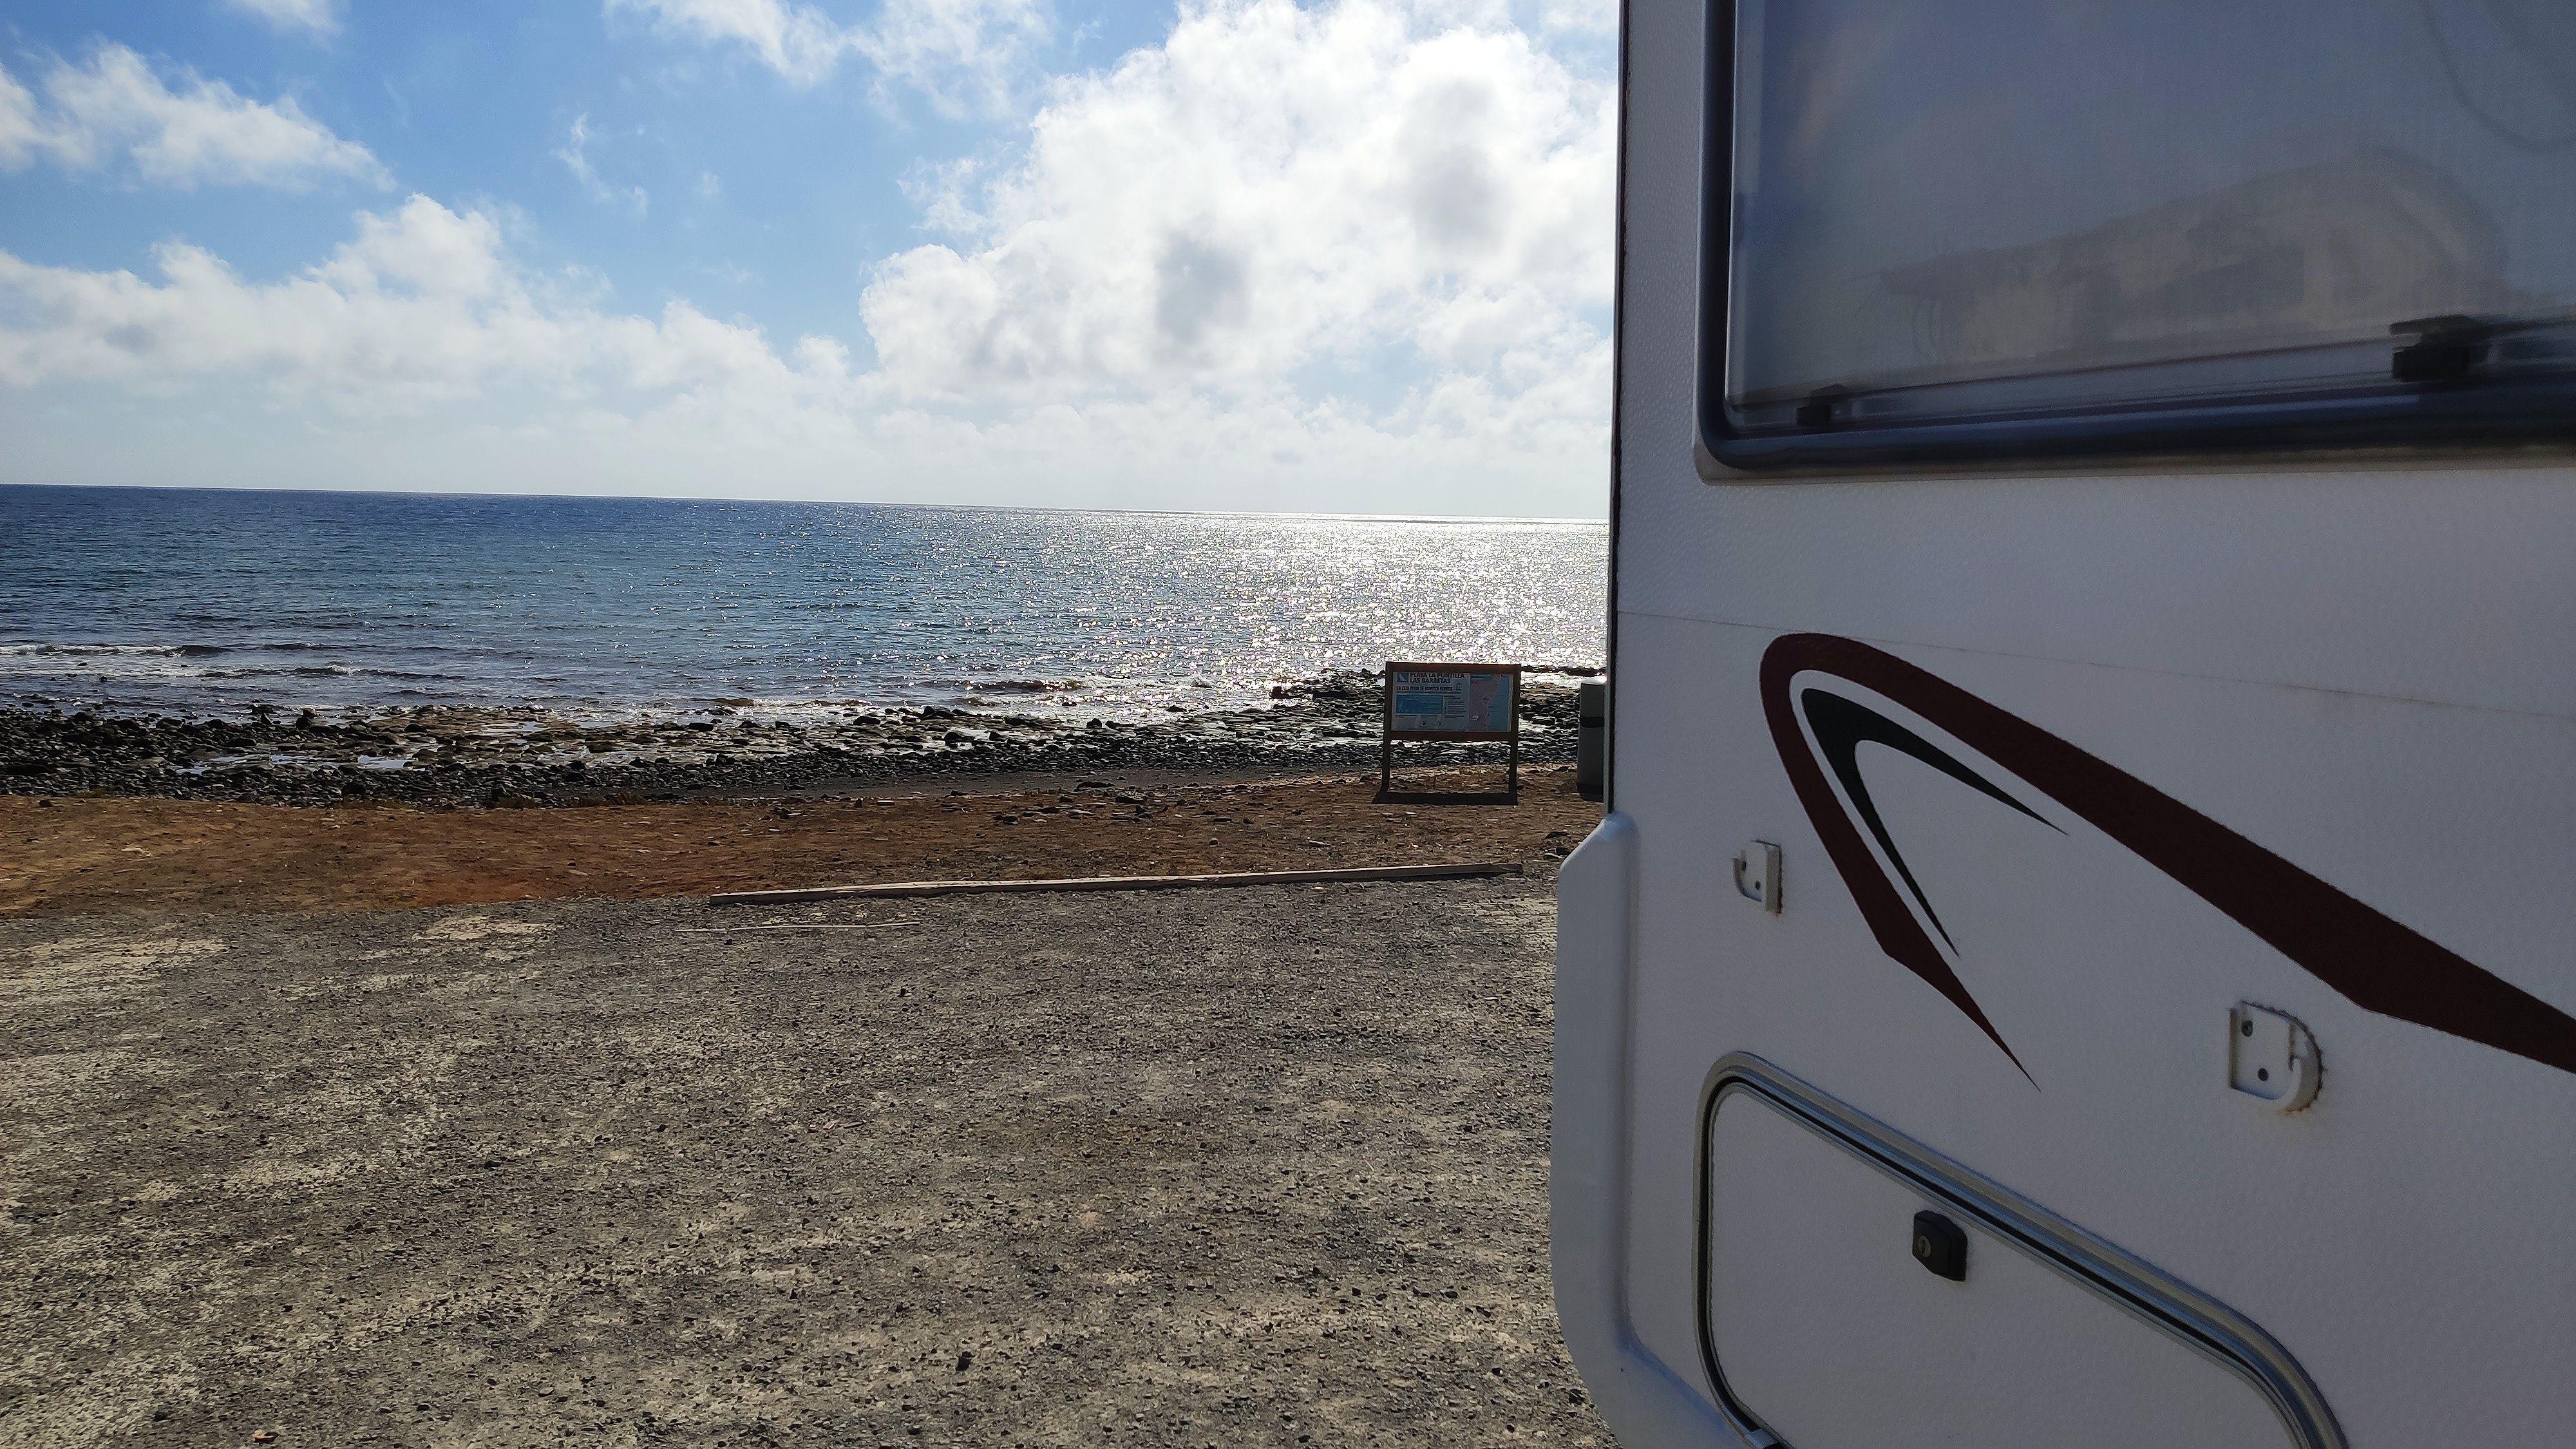 Caravana Puerto Lajas, Fuerteventura